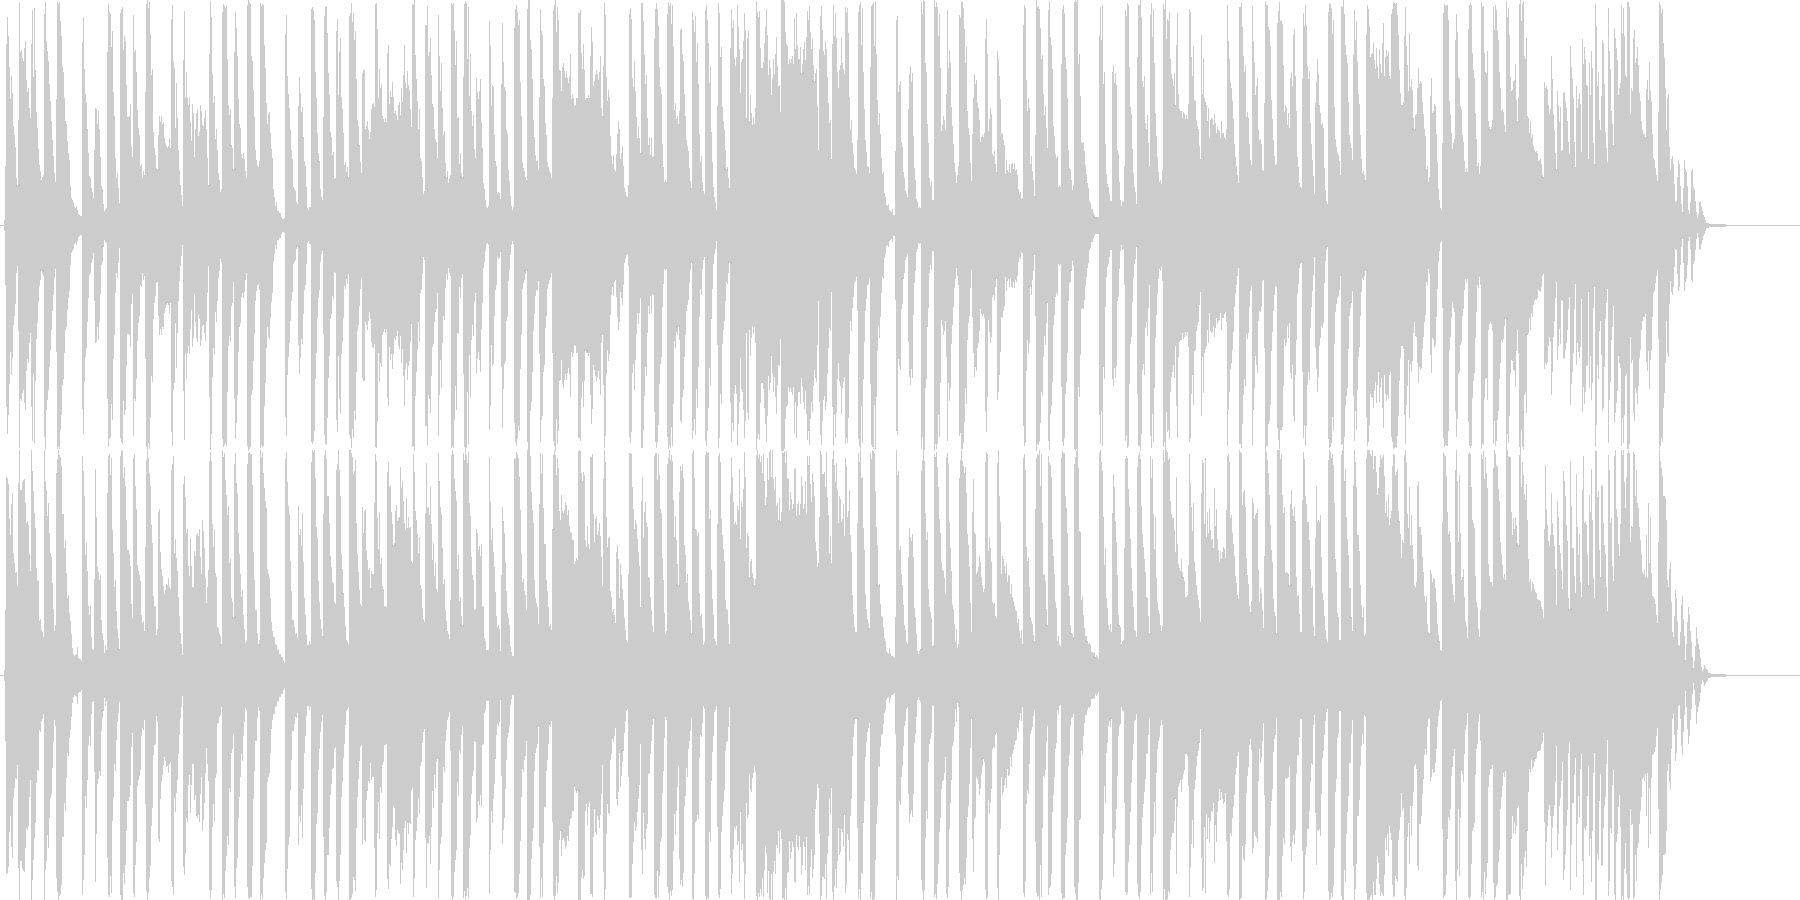 変わった音色のシンセメインのOP曲の未再生の波形